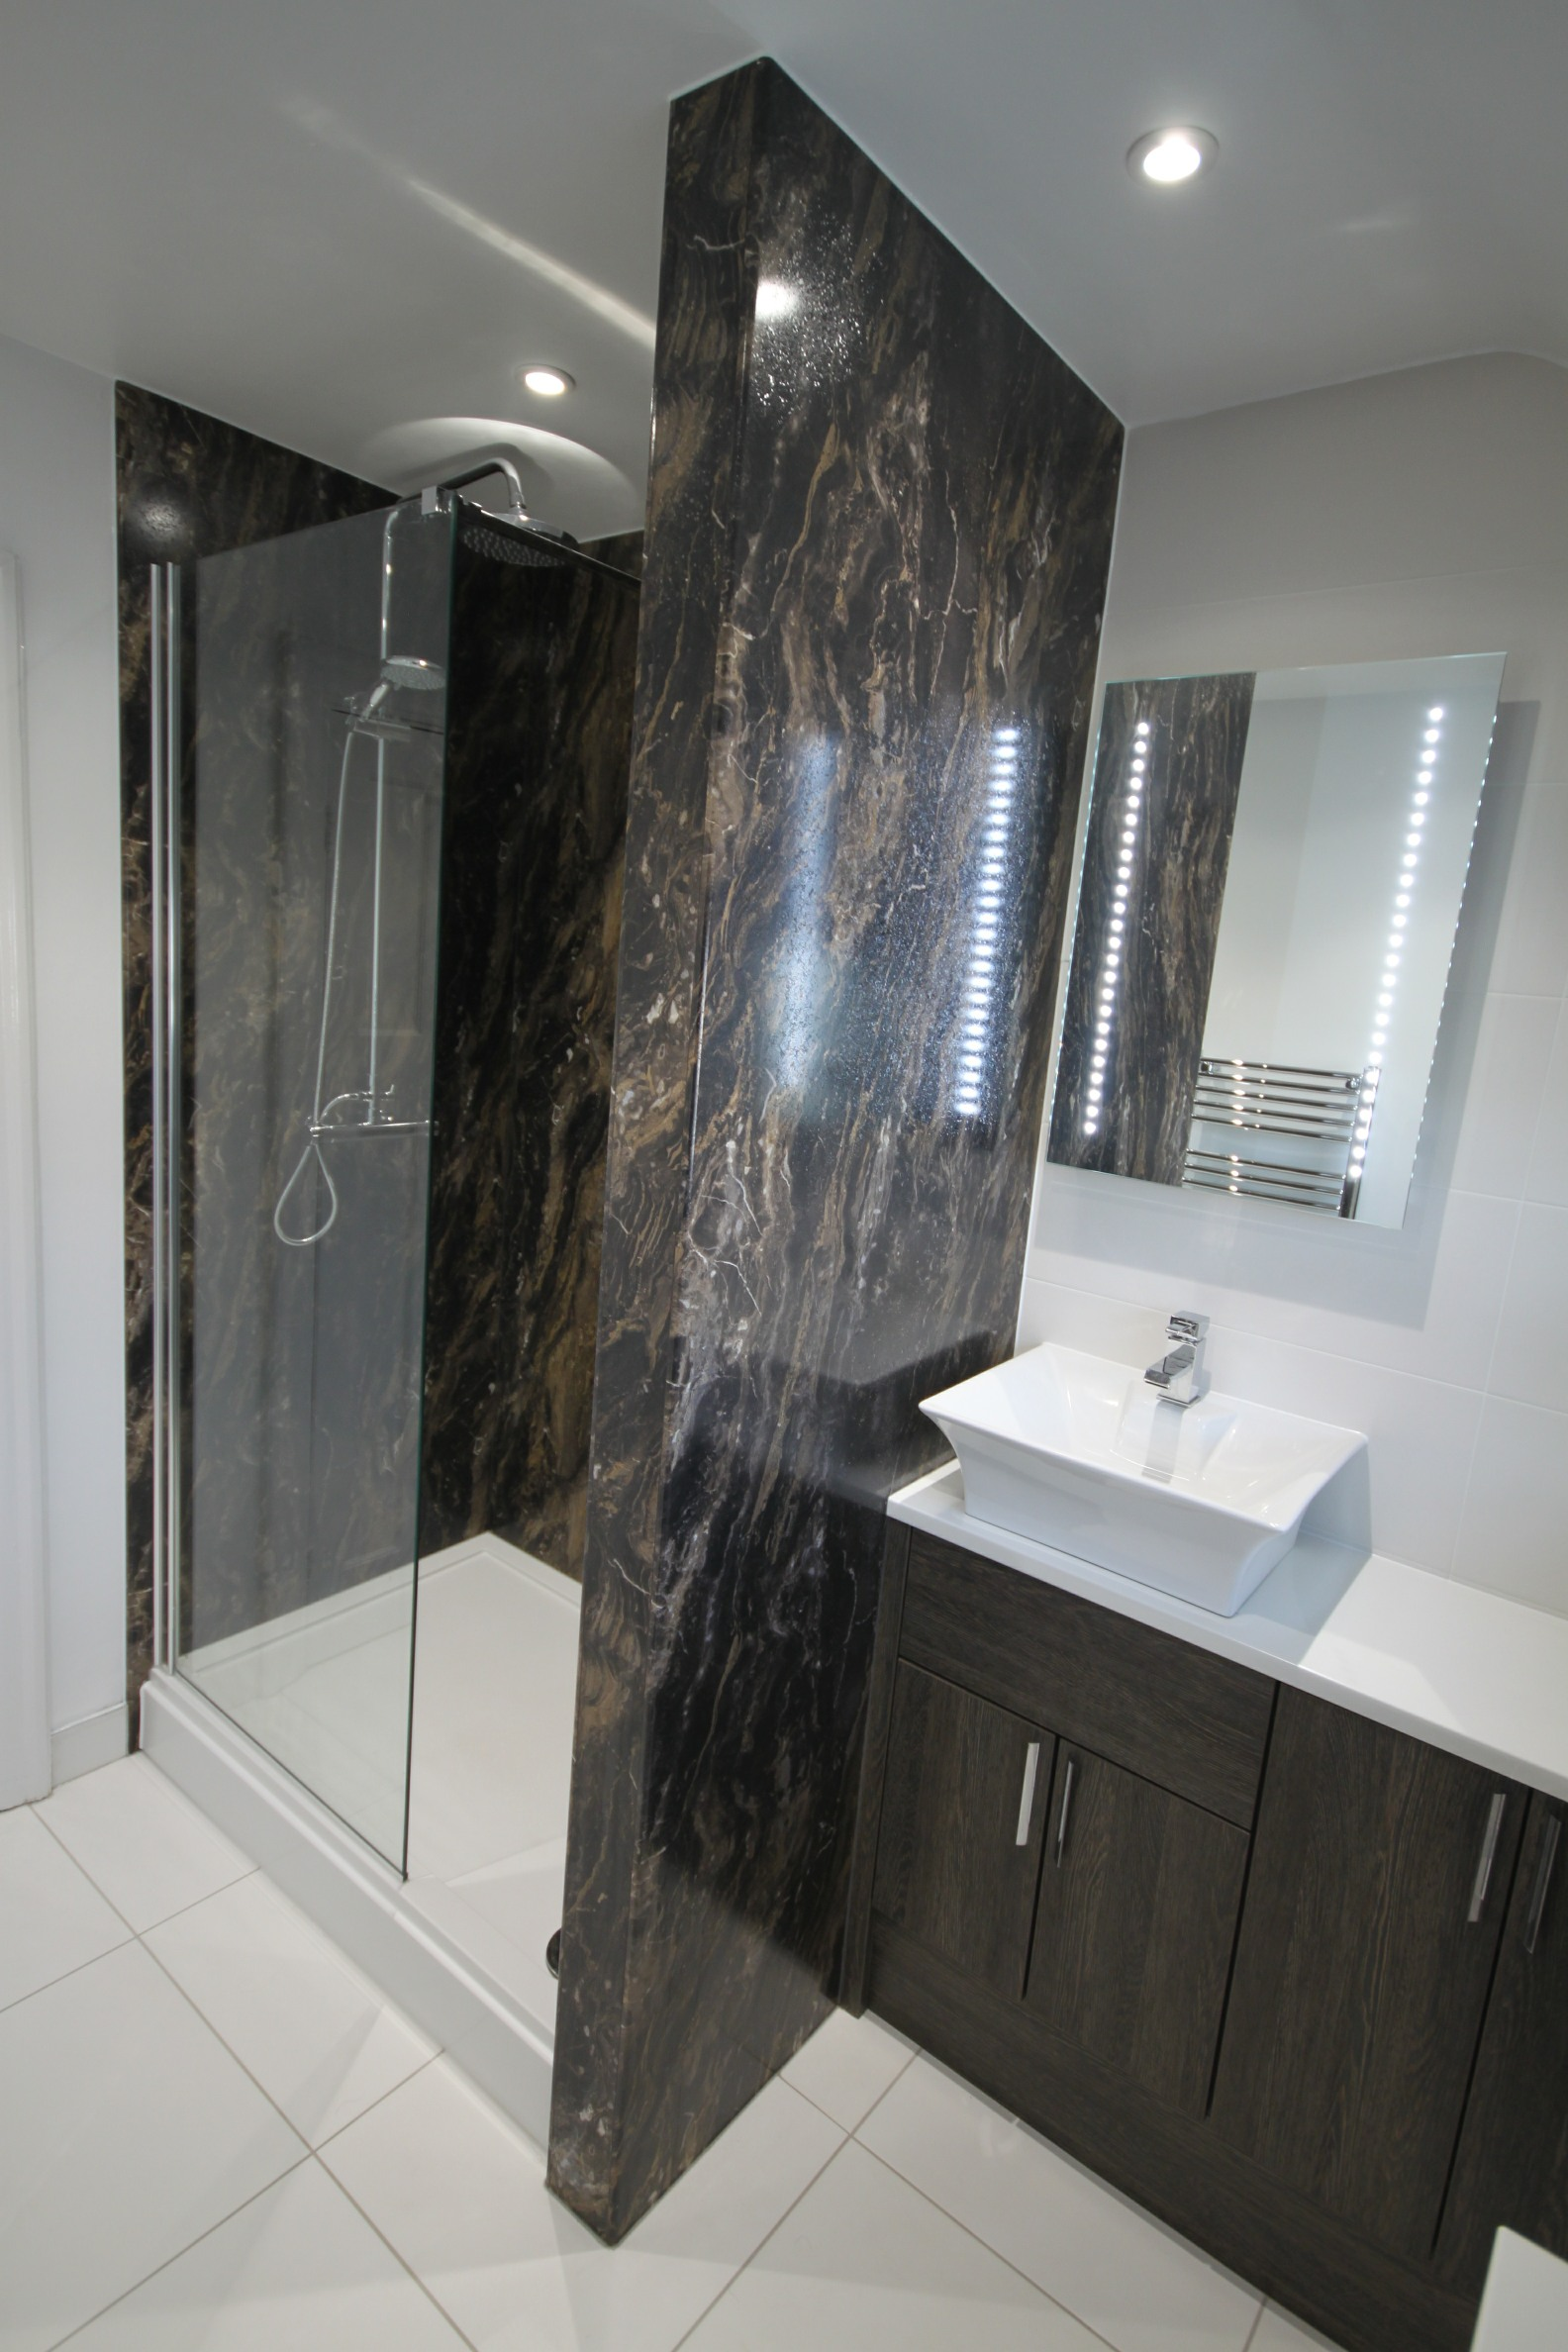 Waterproof Bathroom Wall Panels: Considering Waterproof Wall